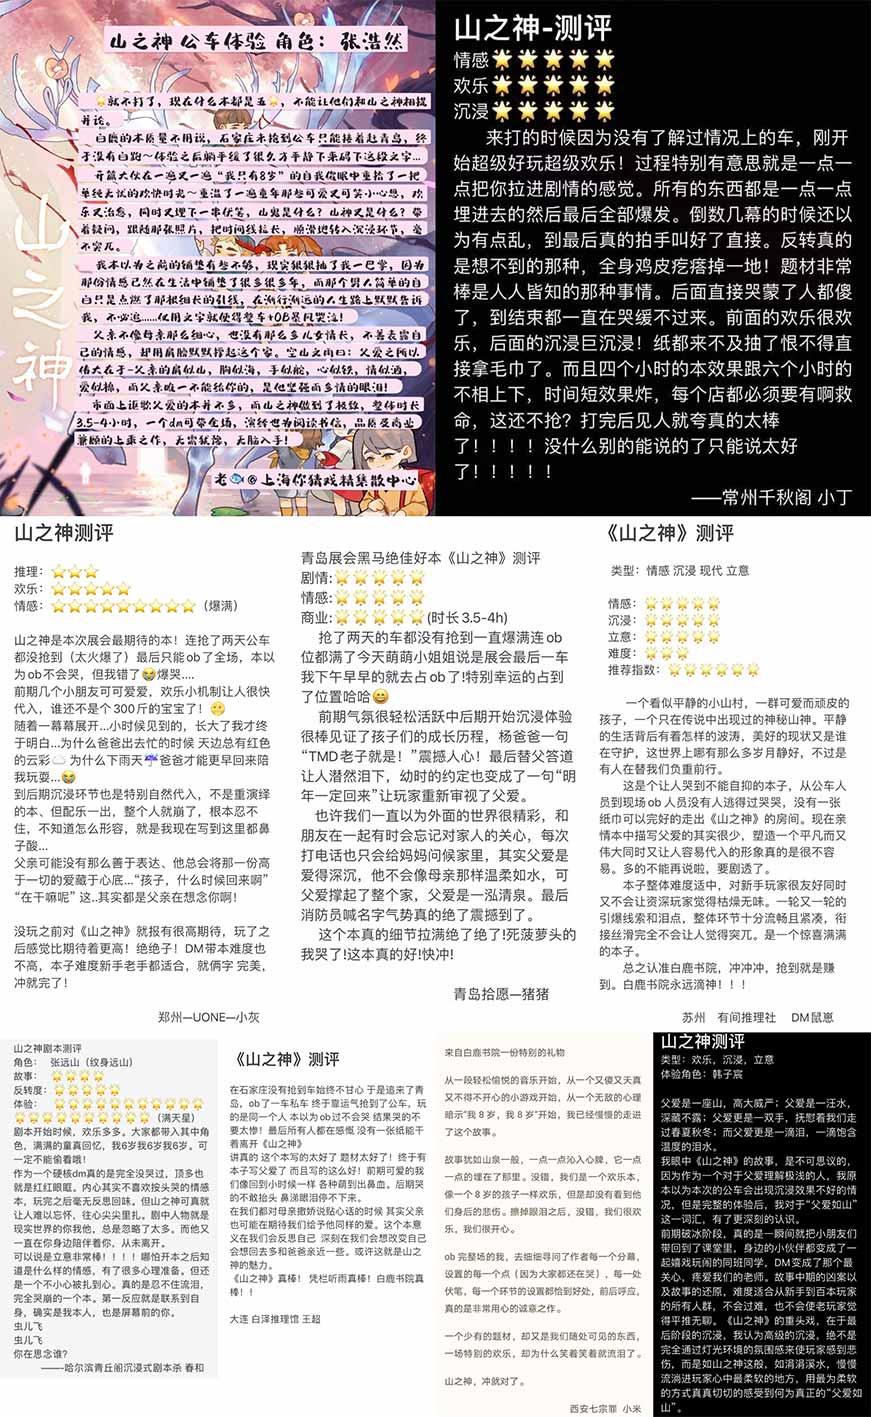 『山之神』剧本杀复盘/真相解析/凶手是谁/主持人手册